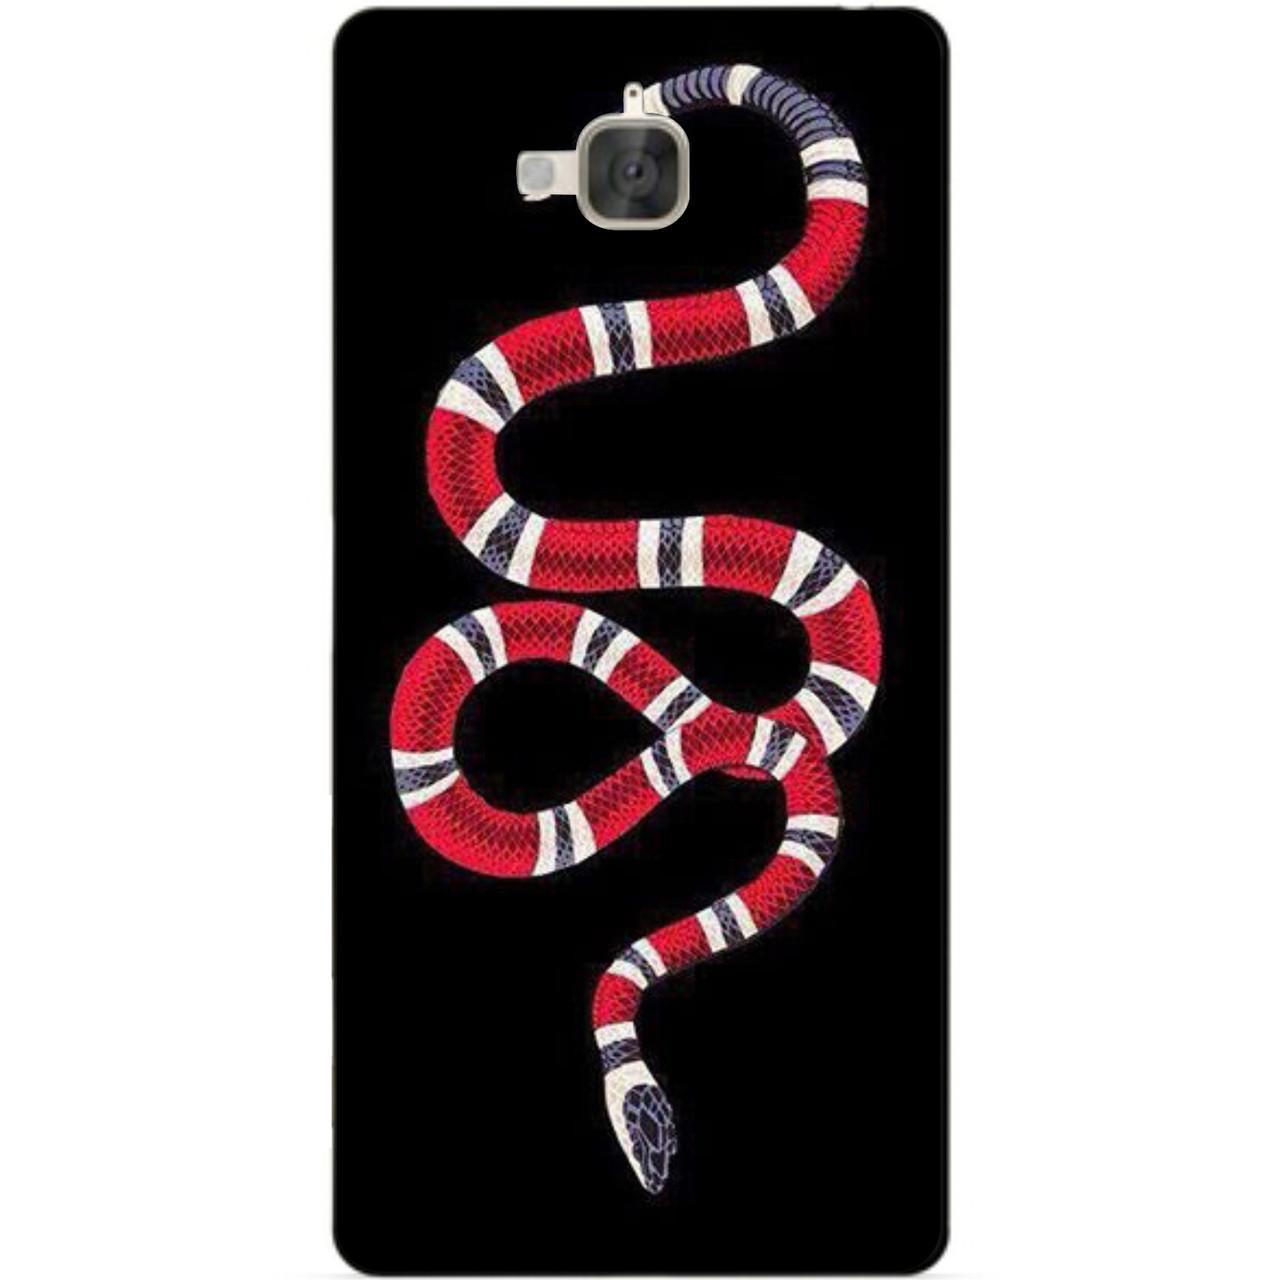 Силиконовый бампер чехол для Huawei Y6 Pro с рисунком Змея Gucci